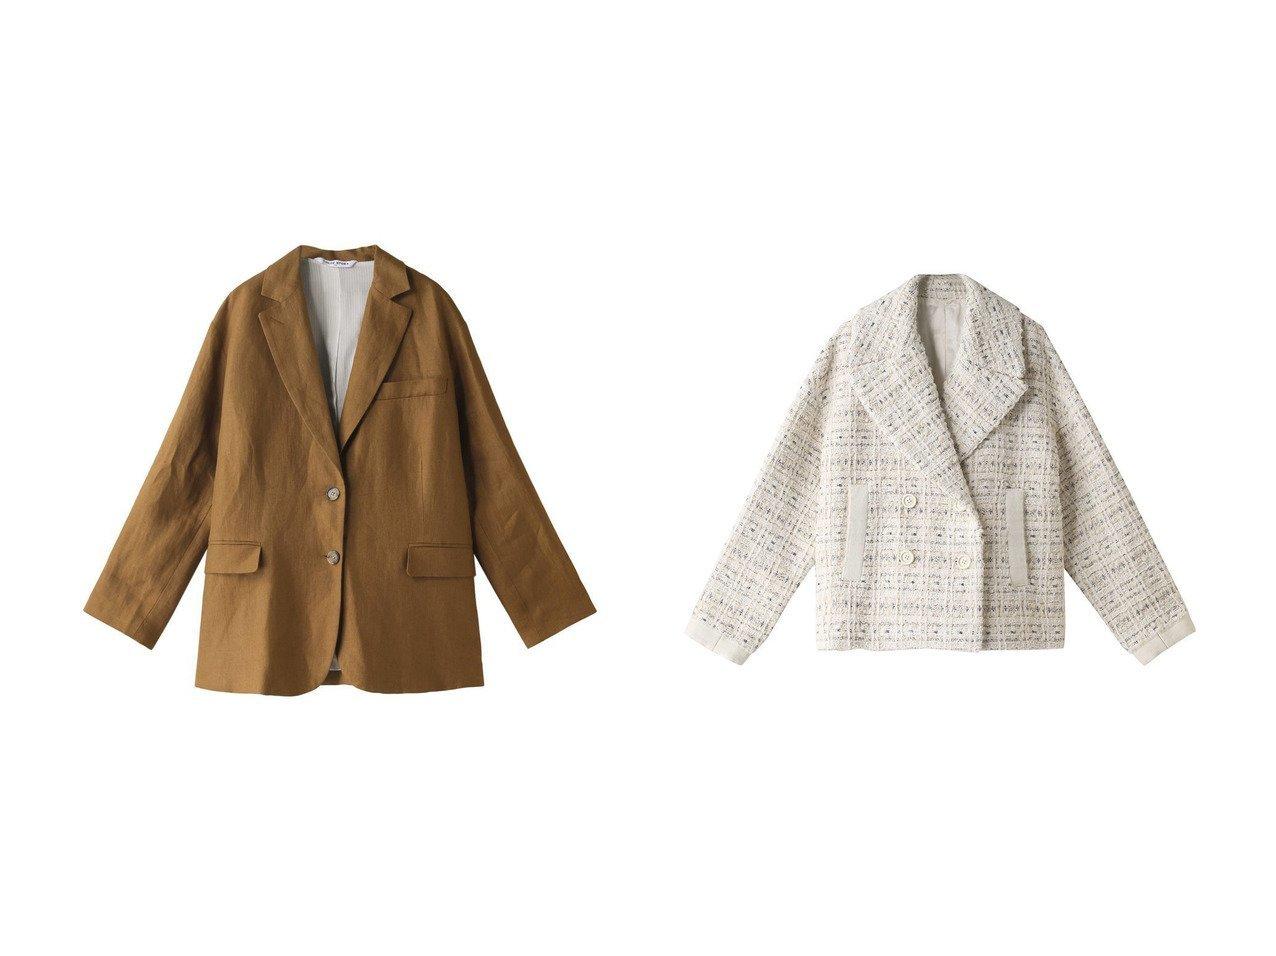 【heliopole/エリオポール】の【CHLOE STORA】テーラードジャケット&【ANAYI/アナイ】のホワイトラメツイードPコート 【アウター】おすすめ!人気、トレンド・レディースファッションの通販 おすすめで人気の流行・トレンド、ファッションの通販商品 インテリア・家具・メンズファッション・キッズファッション・レディースファッション・服の通販 founy(ファニー) https://founy.com/ ファッション Fashion レディースファッション WOMEN アウター Coat Outerwear ジャケット Jackets テーラードジャケット Tailored Jackets コート Coats Pコート Pea Coats シンプル ジャケット 今季 おすすめ Recommend ショート セットアップ ポケット 春 Spring  ID:crp329100000043345